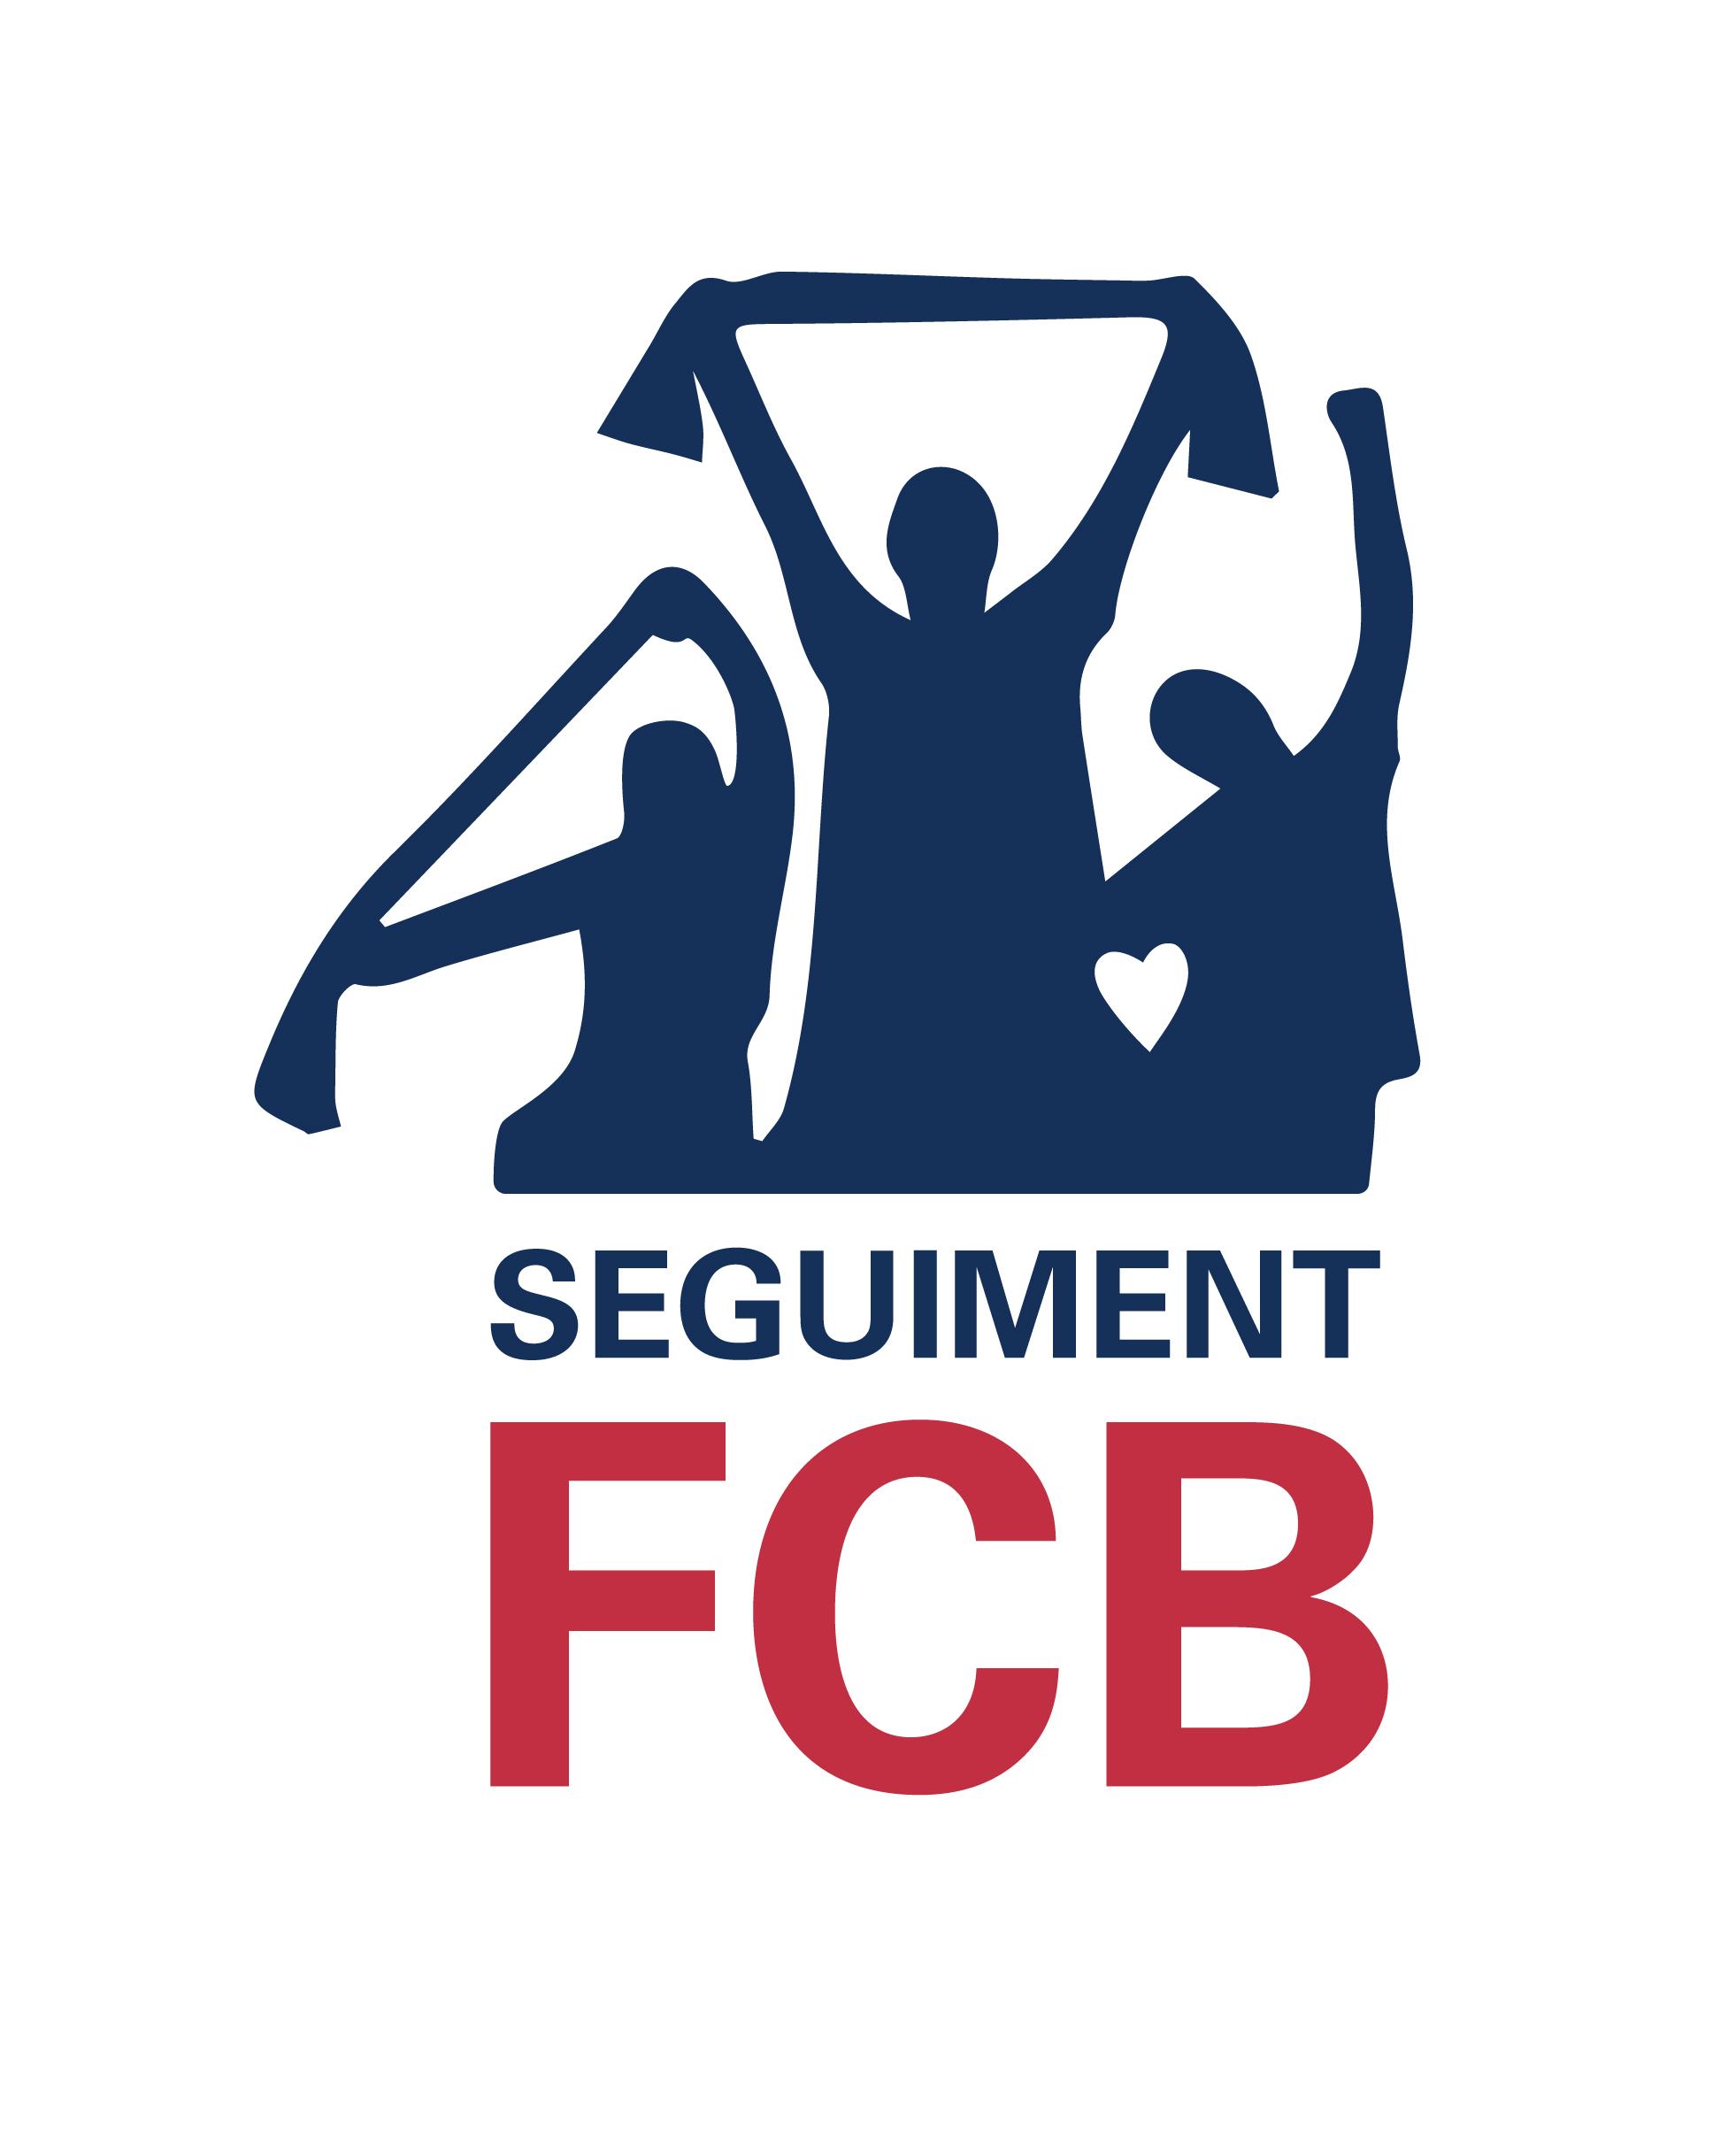 Logo de la asociación Seguiment FCB.